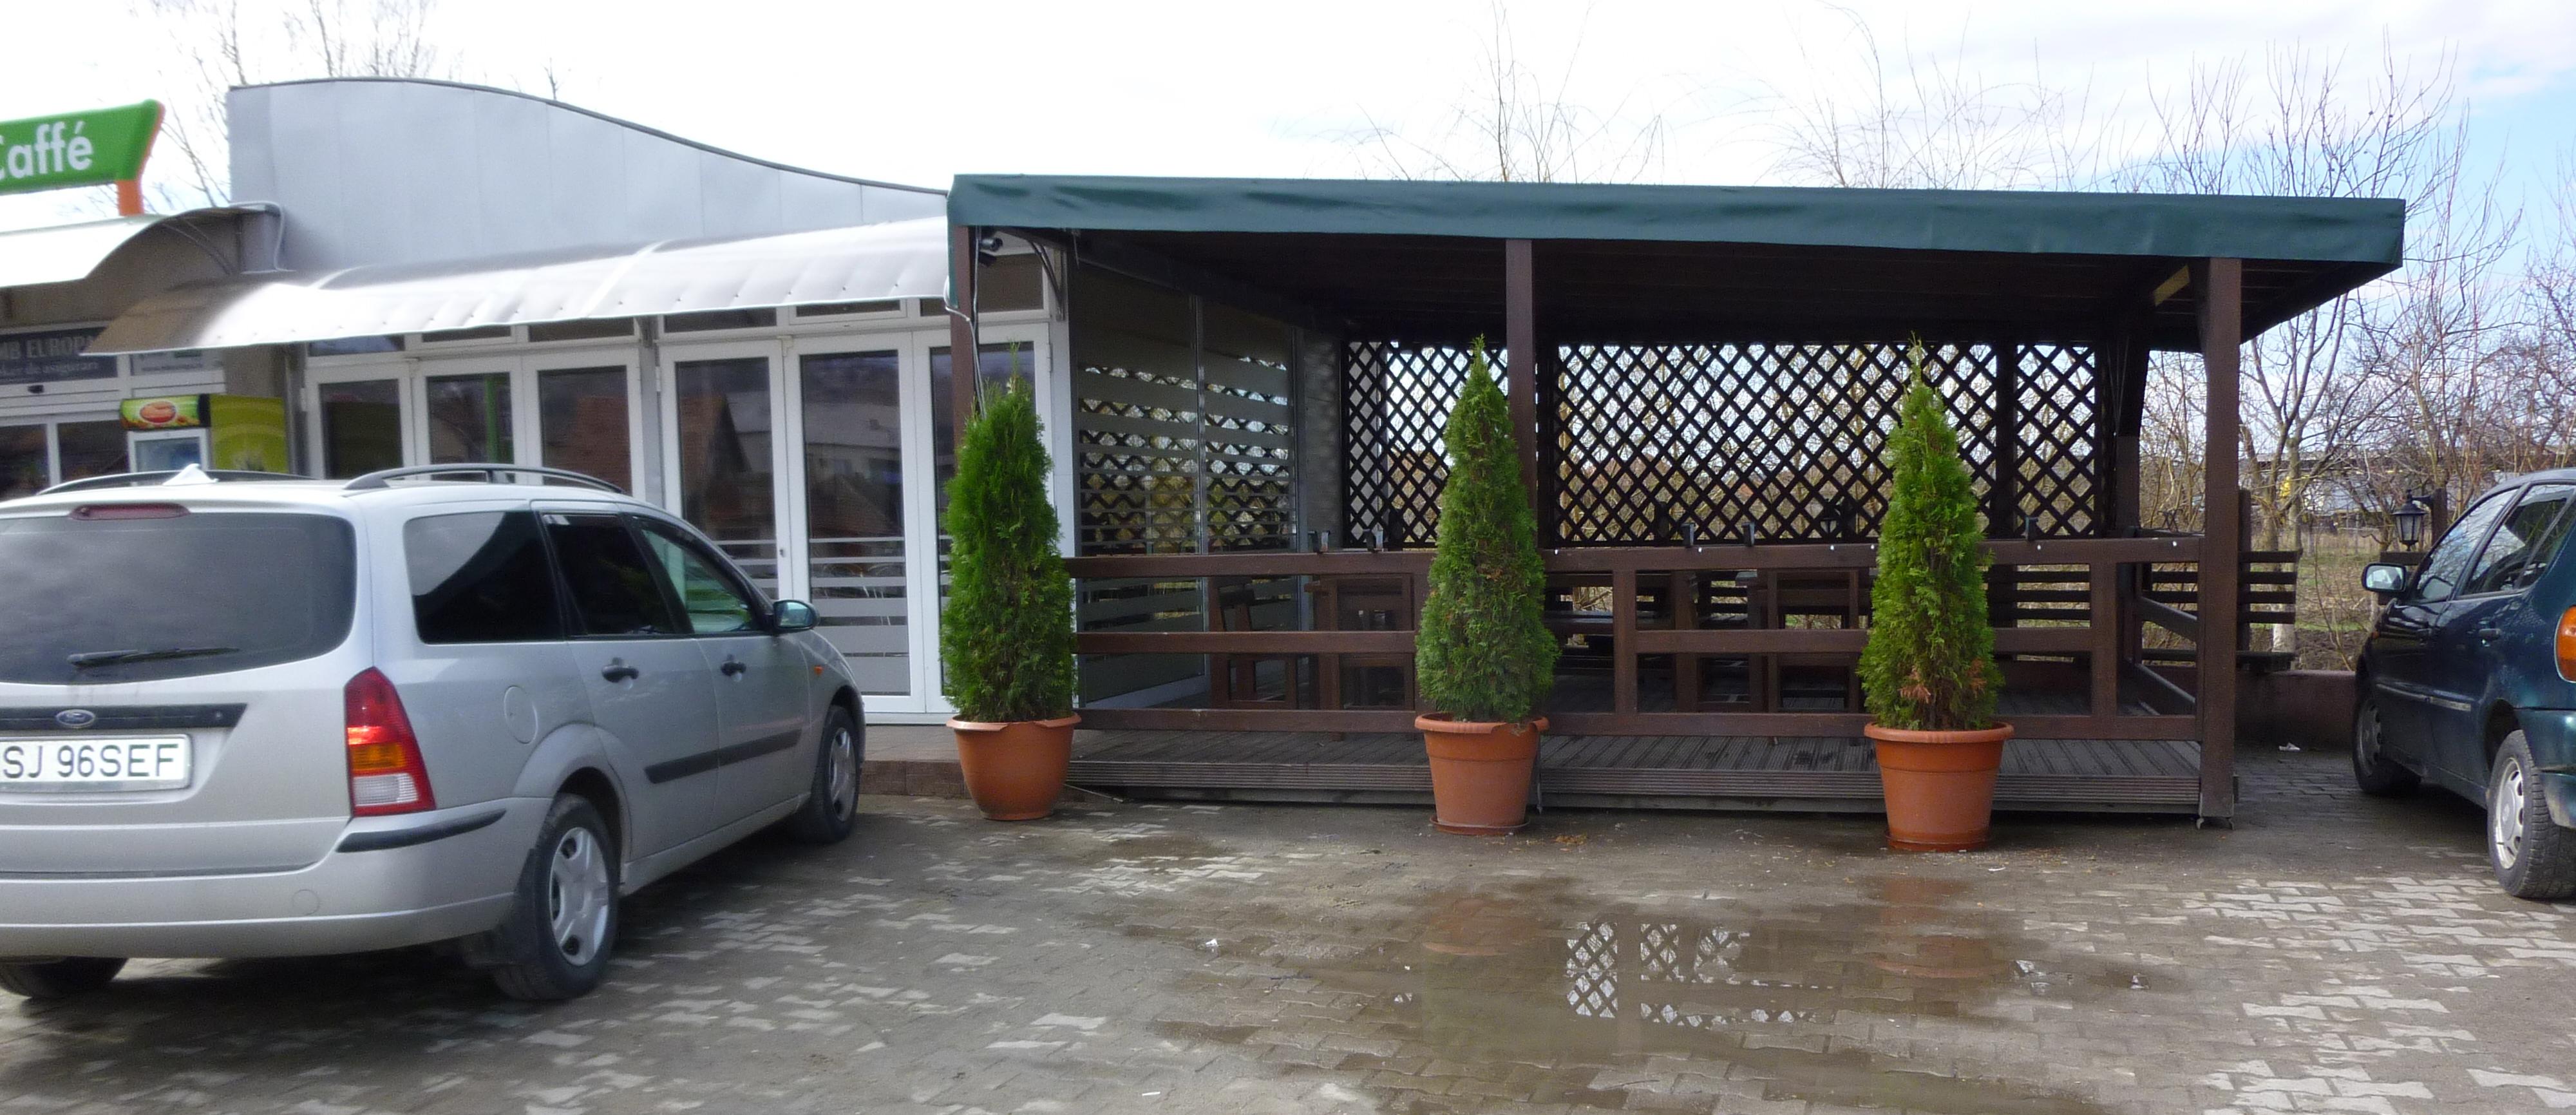 มีที่ให้นั่งดื่มกาแฟด้านนอก